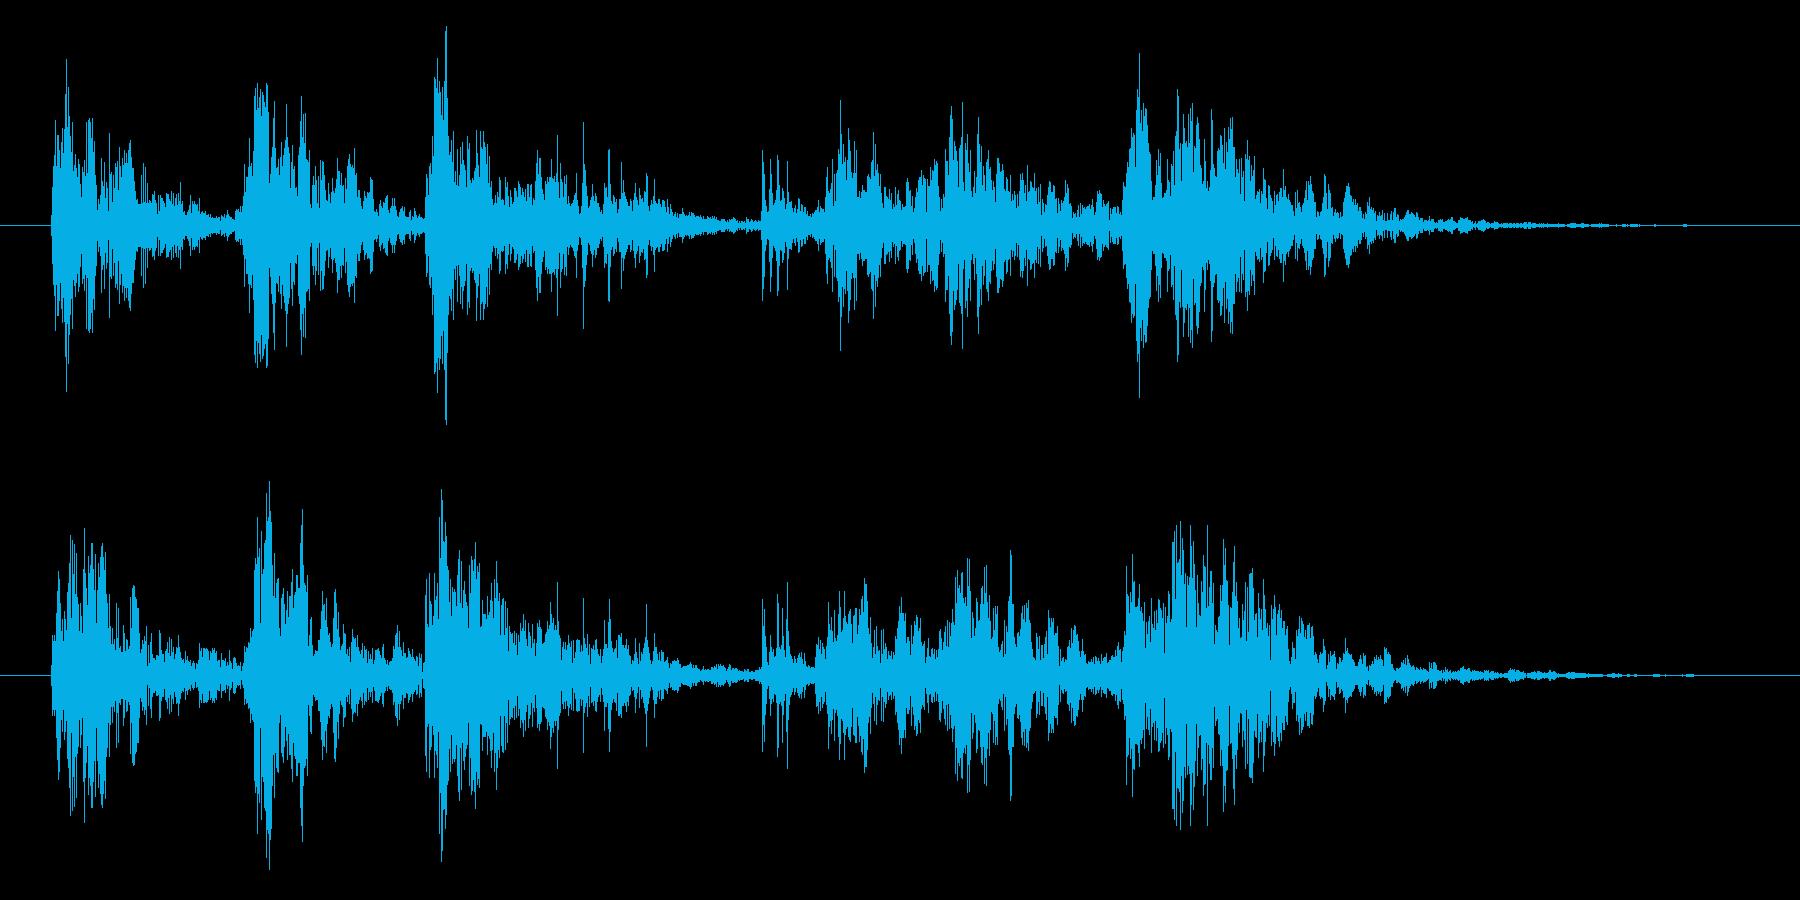 ドンドンドン カラカッカ ドドンドドンの再生済みの波形